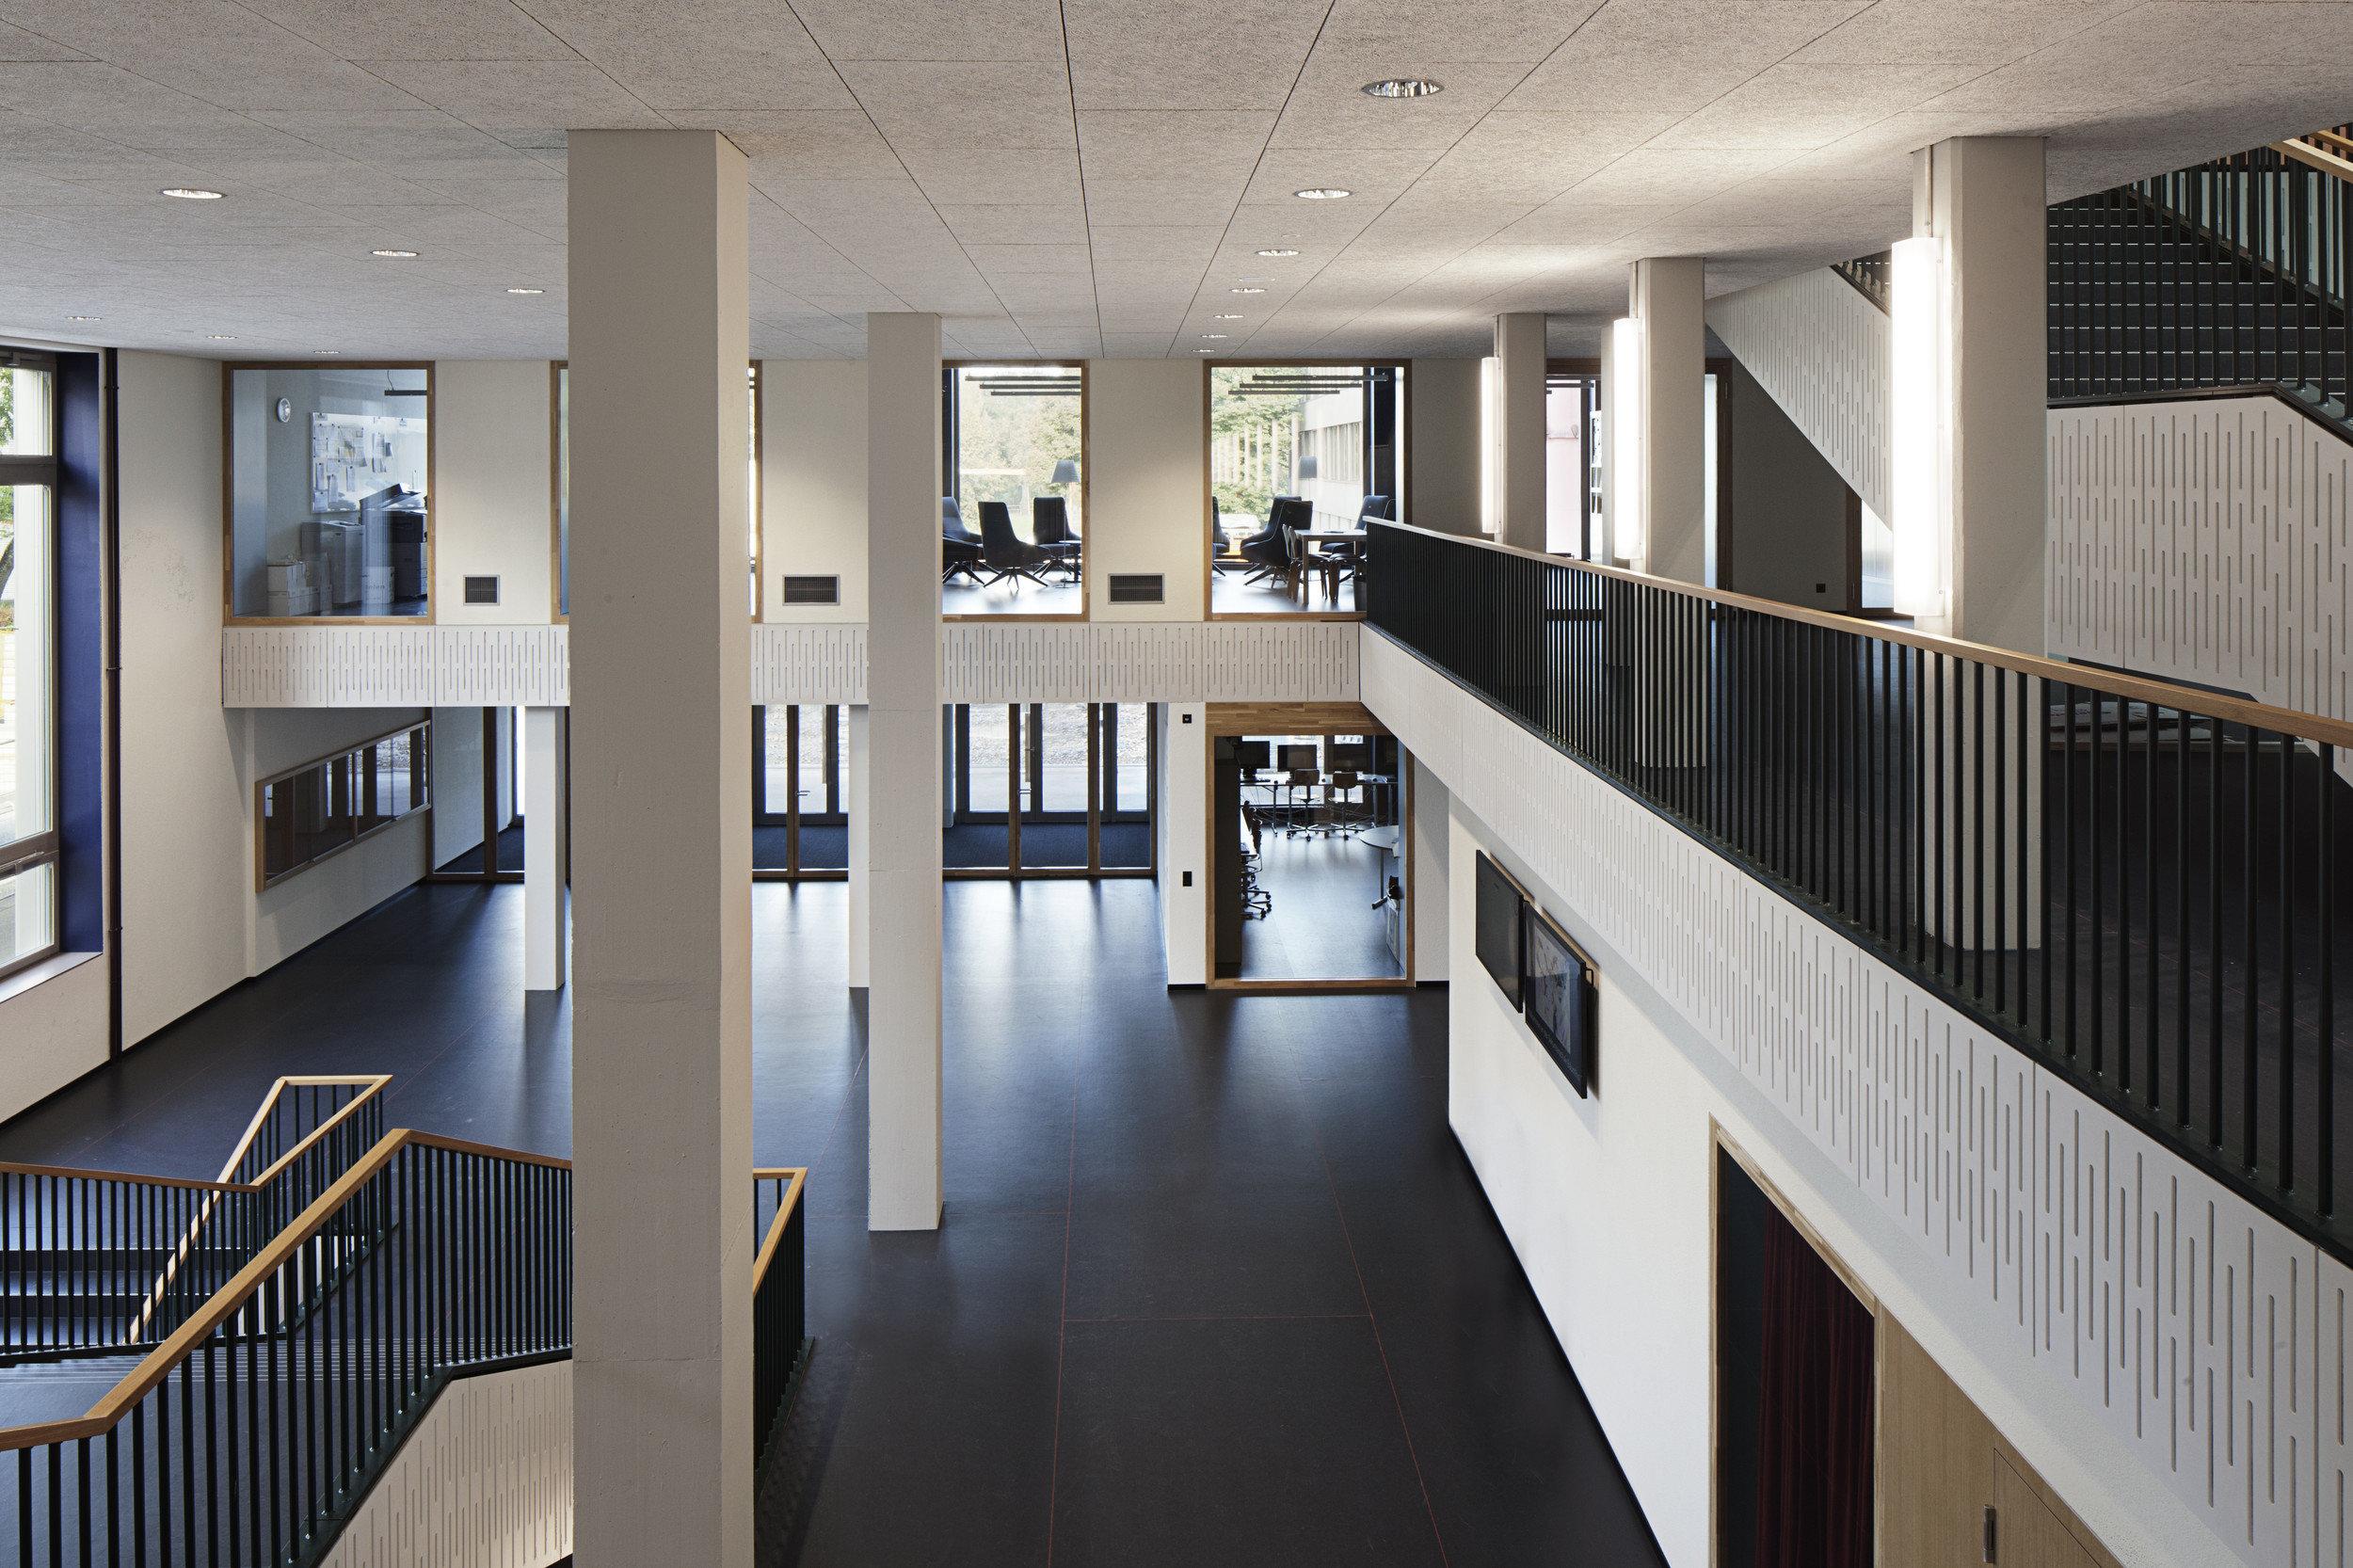 Flur Schulgebäude mit grossen quadratischen Indoorfenstern